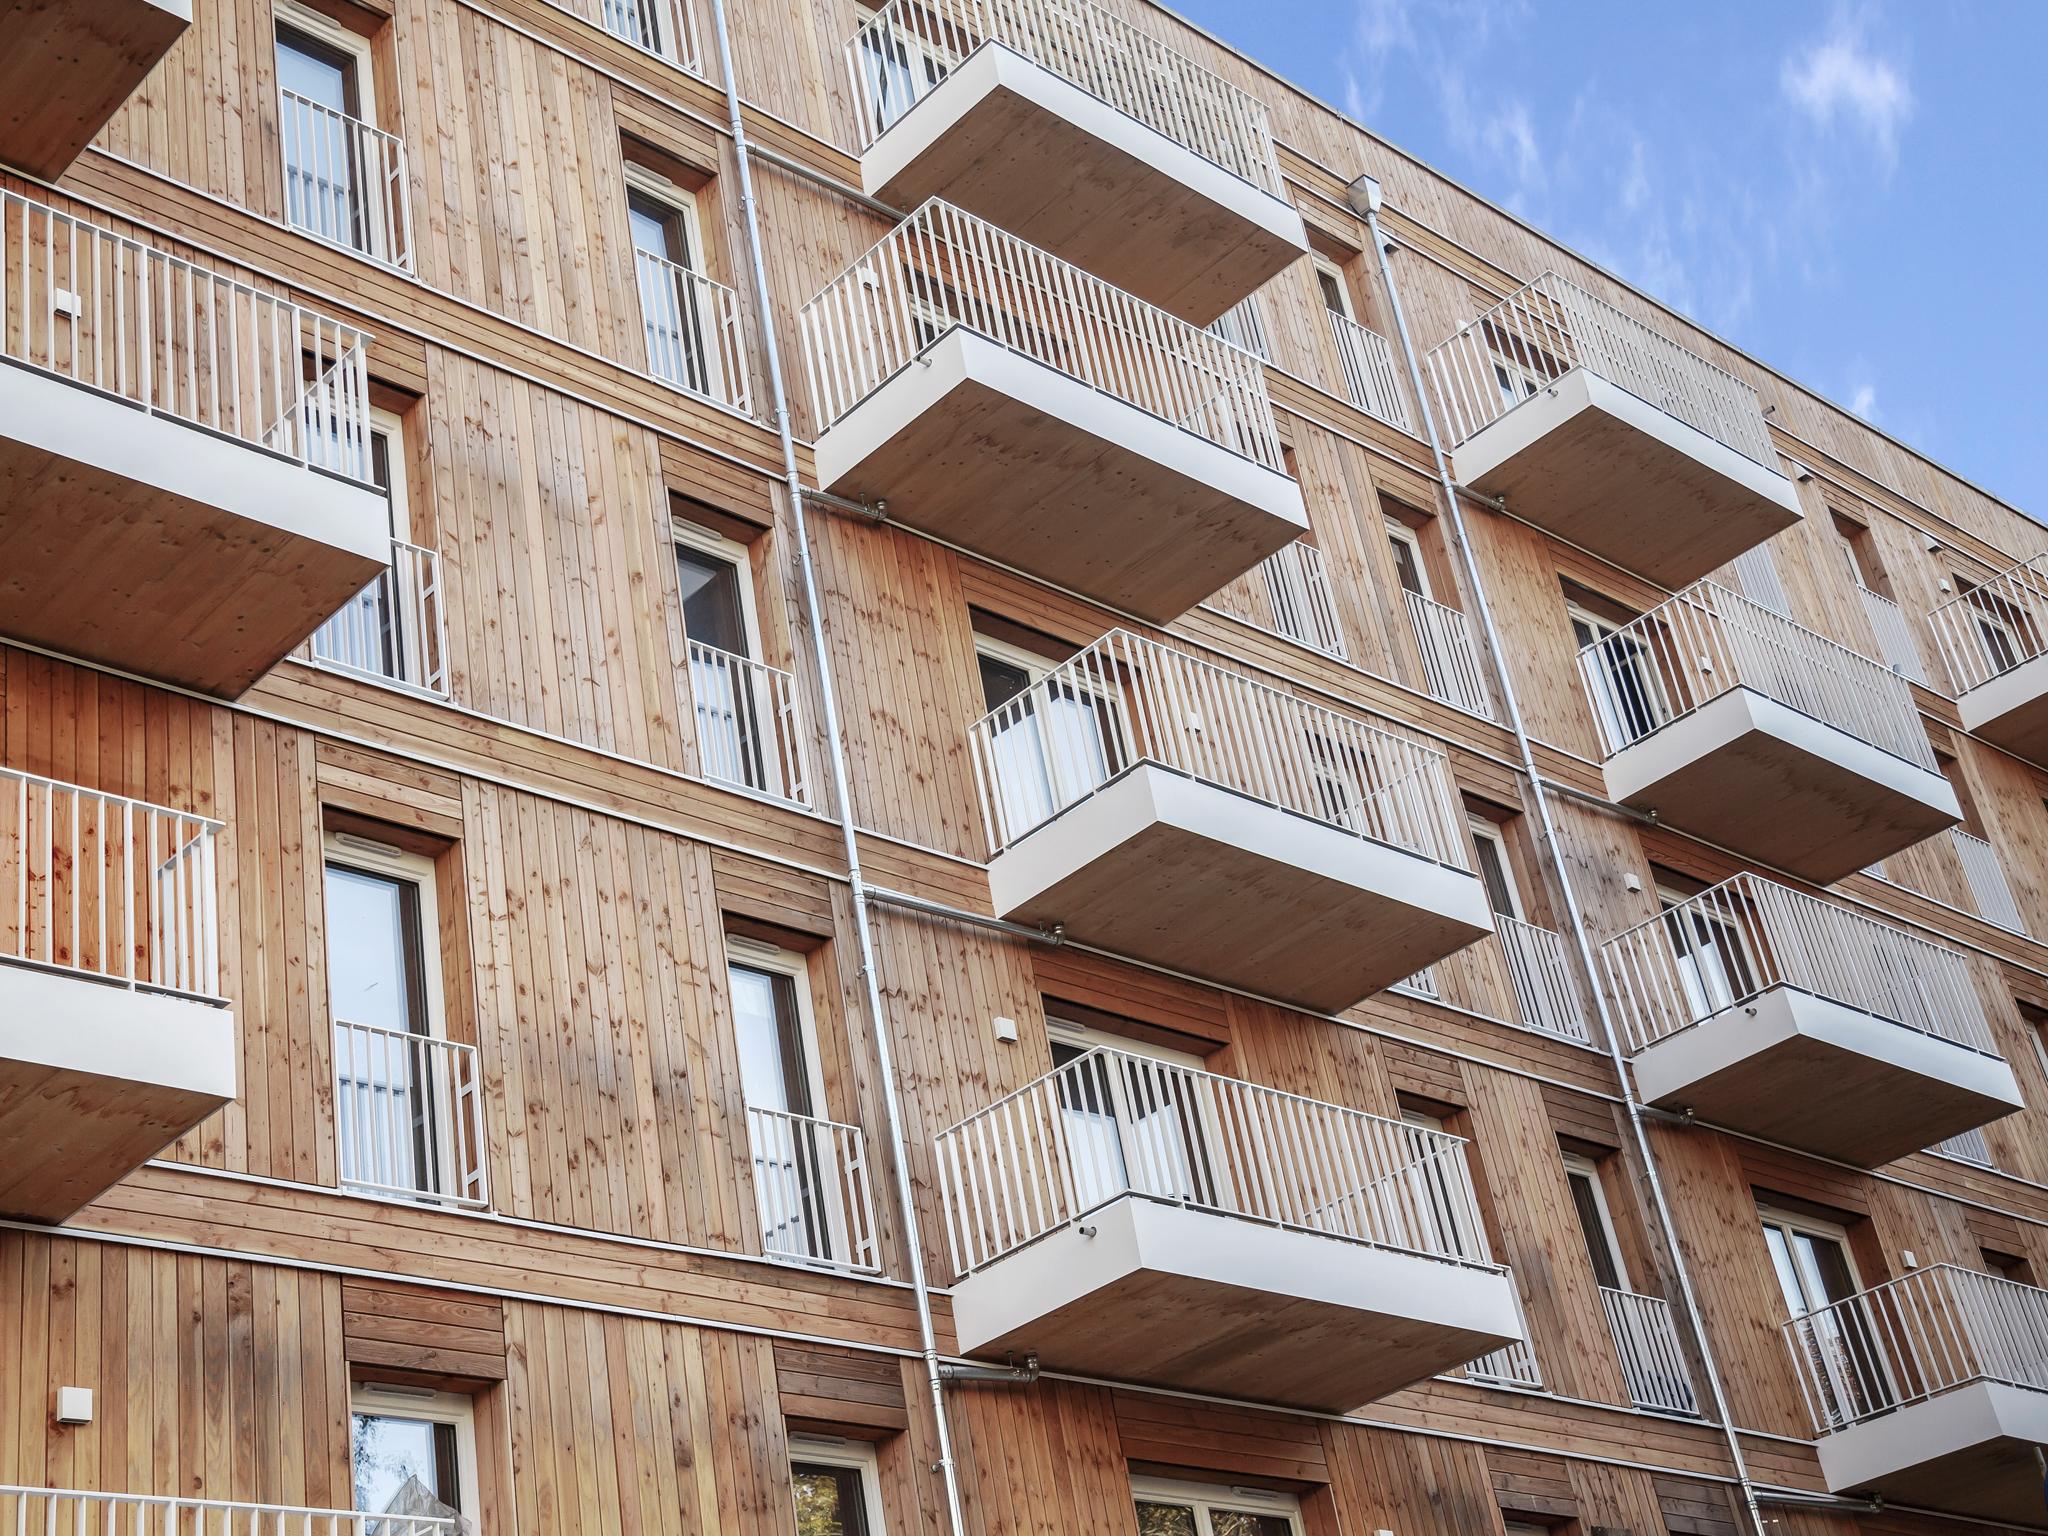 architektur, bauwirtschaft + industrie